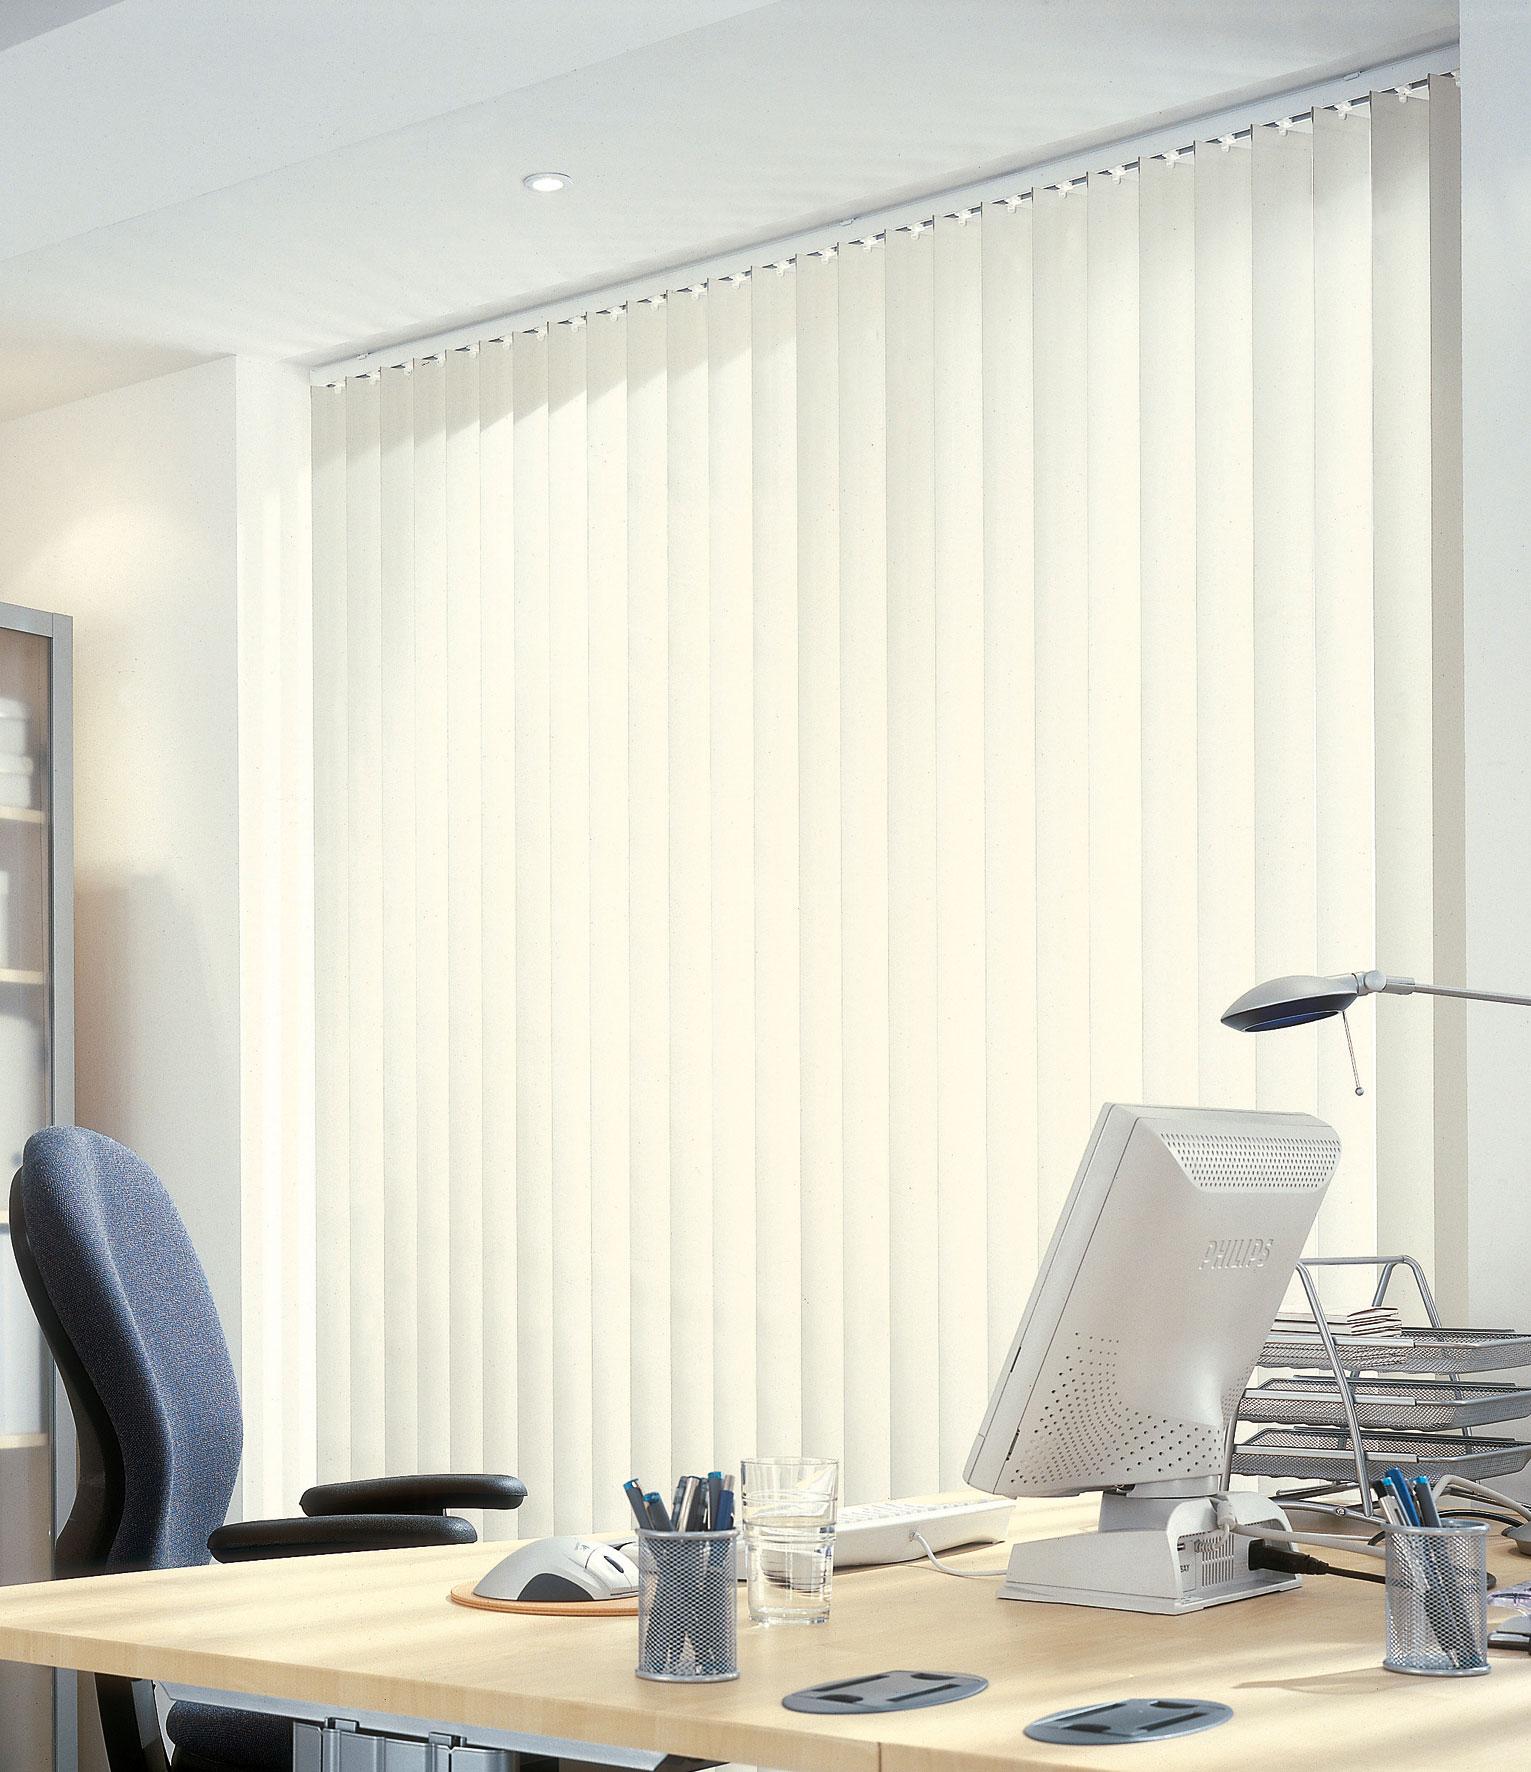 Design Window: Blenheim White Window Blind